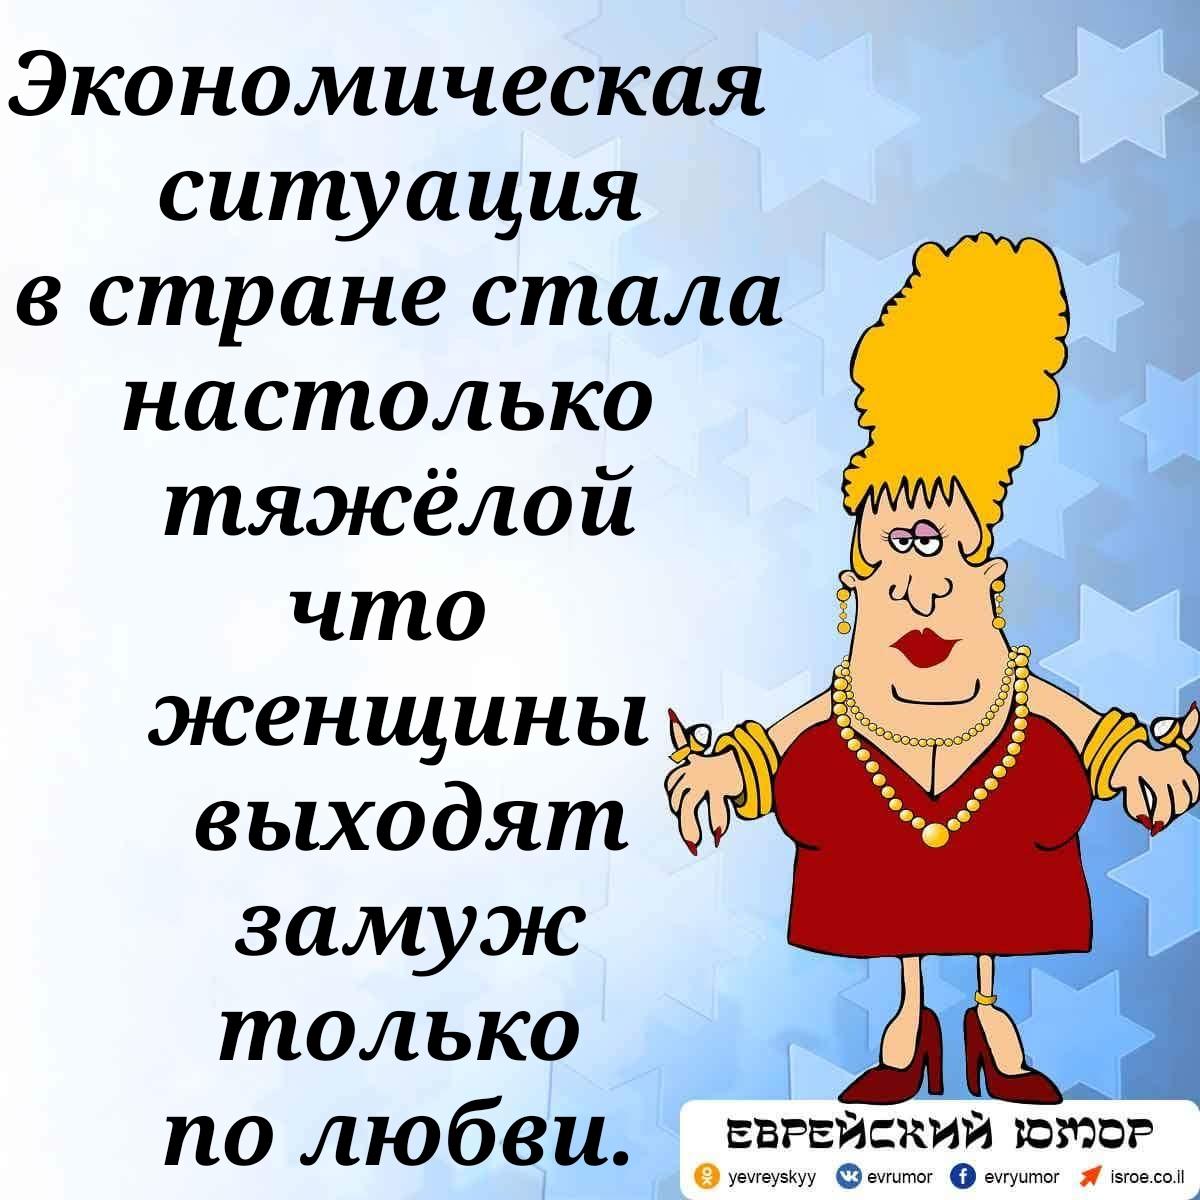 Еврейский юмор. Одесский анекдот. Экономическая ситуация...